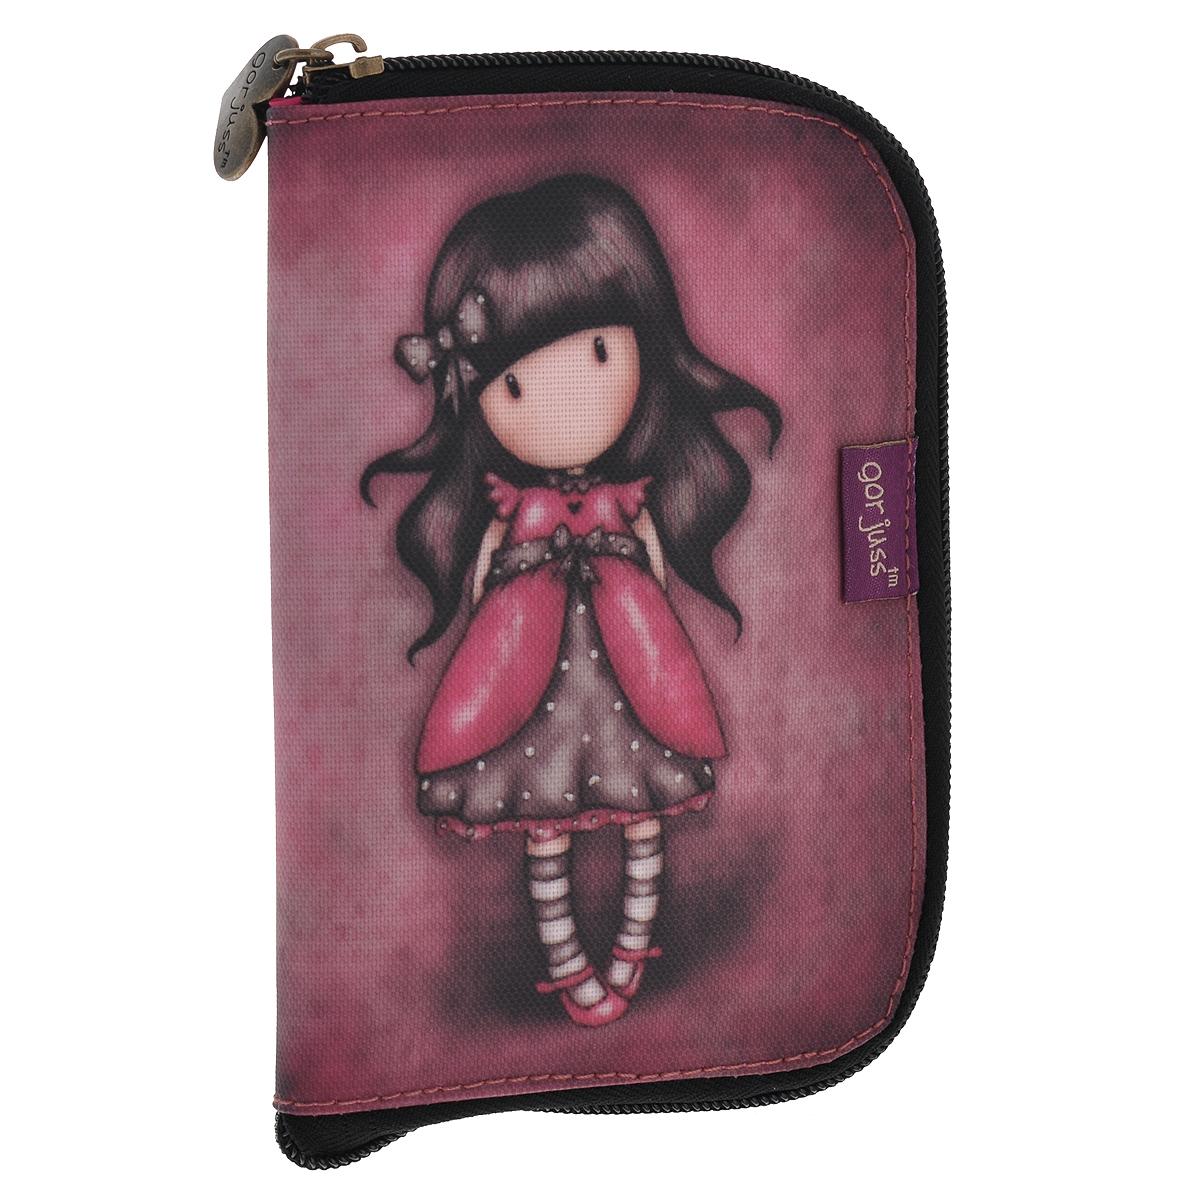 Складывающаяся сумка для покупок Ladybird, цвет: малиновый. 001221273298с-1Складывающаяся сумка для покупок с милой девочкой непременно порадует вас или станет прекрасным подарком. Сумка складывается в симпатичный чехольчик на молнии, сама сумка выполнена из текстиля малинового цвета с орнаментом и имеет две удобные ручки. Сумка очень удобна в использовании - ее легко раскладывать и складывать. Характеристики:Материалы: текстиль, ПВХ, металл. Размер чехла на молнии: 10,5 см x 16 см x 1,5 см. Размер сумки в разложенном виде: 54 см х35 см х 17 см.